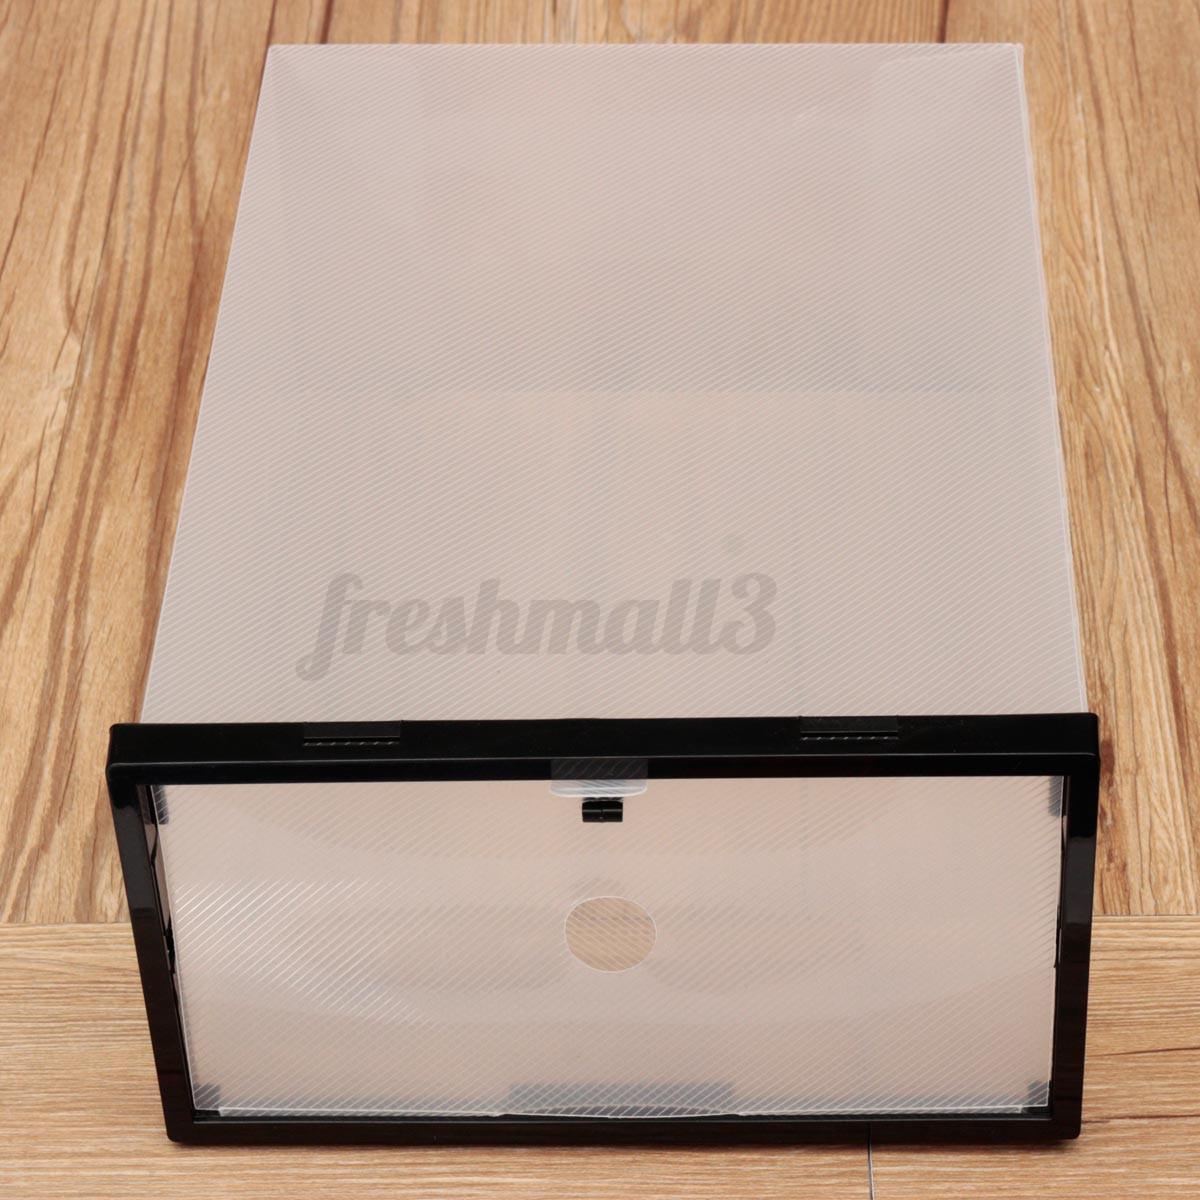 Durevole scatole porta scarpe plastica box case custodia - Ikea scatole plastica trasparente ...